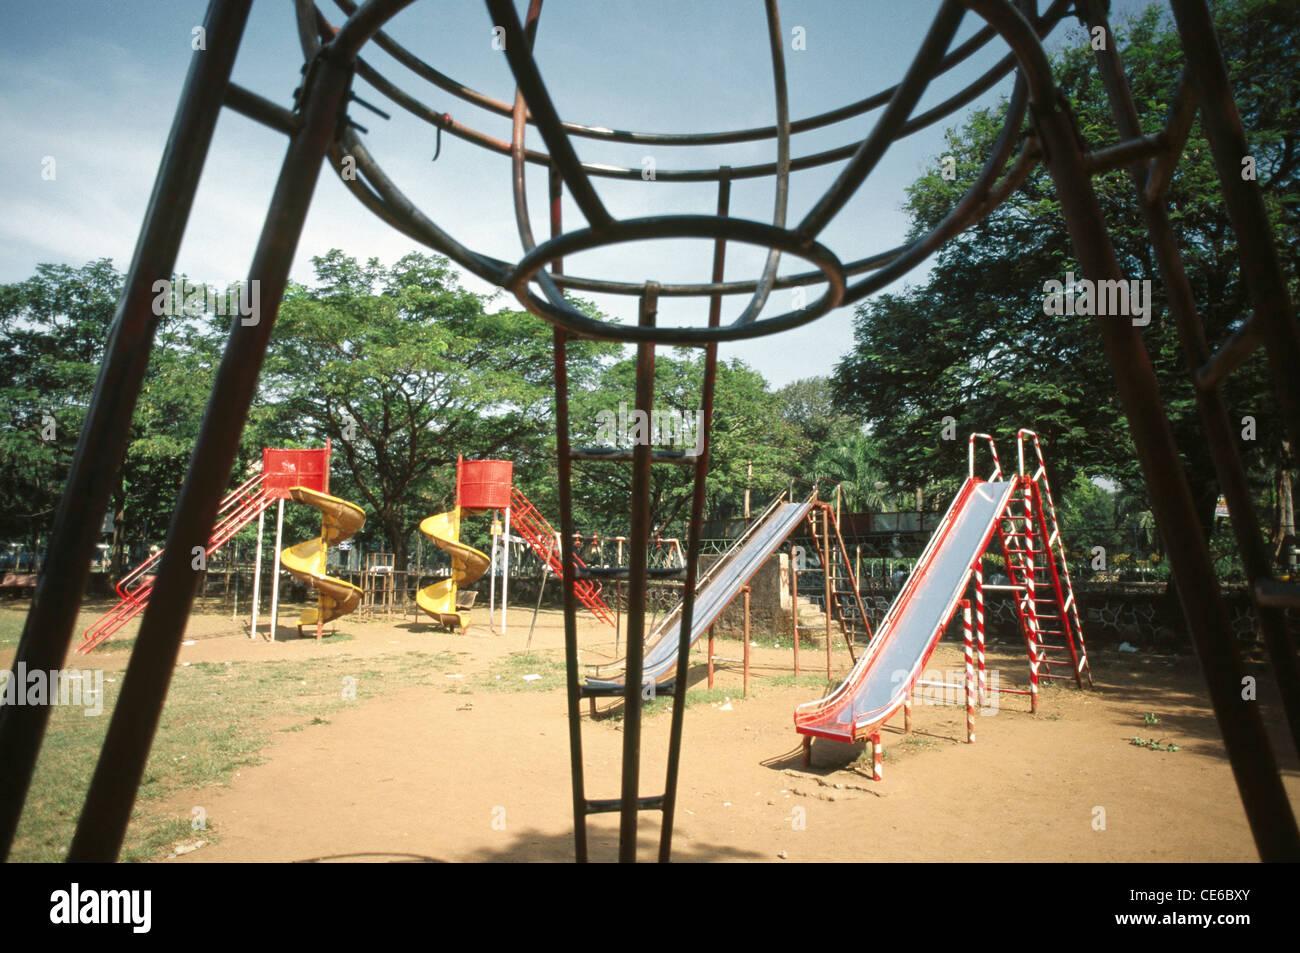 Klettergerüst Jungle Gym : Park folien jungle gym für kinder; fünf garten dadar; bombay mumbai